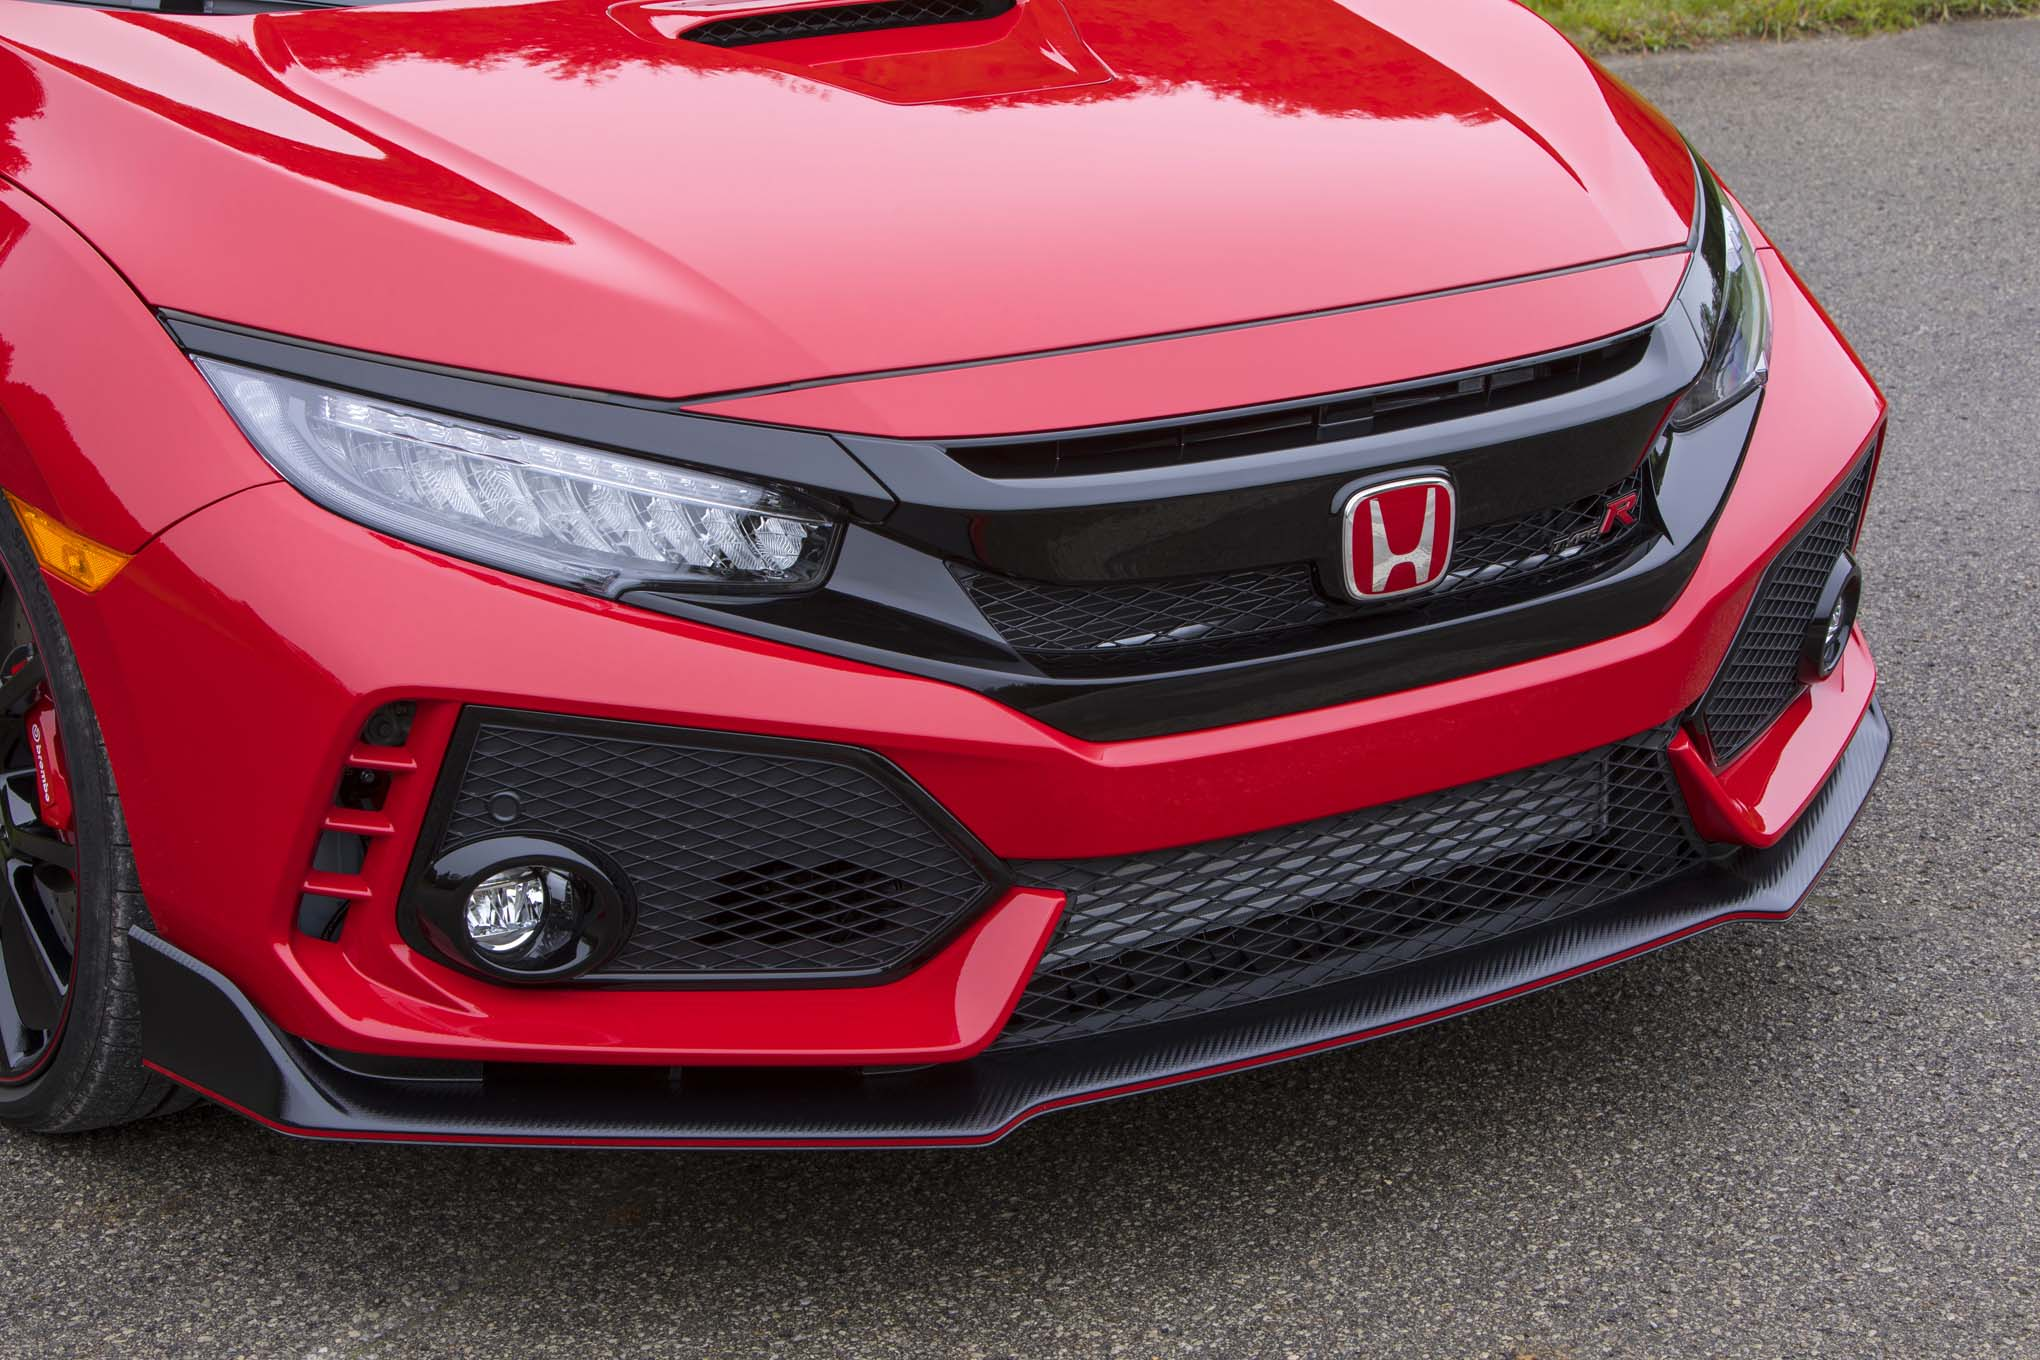 Honda Civic Type R 2018 sube ligeramente de precio - Motor ...